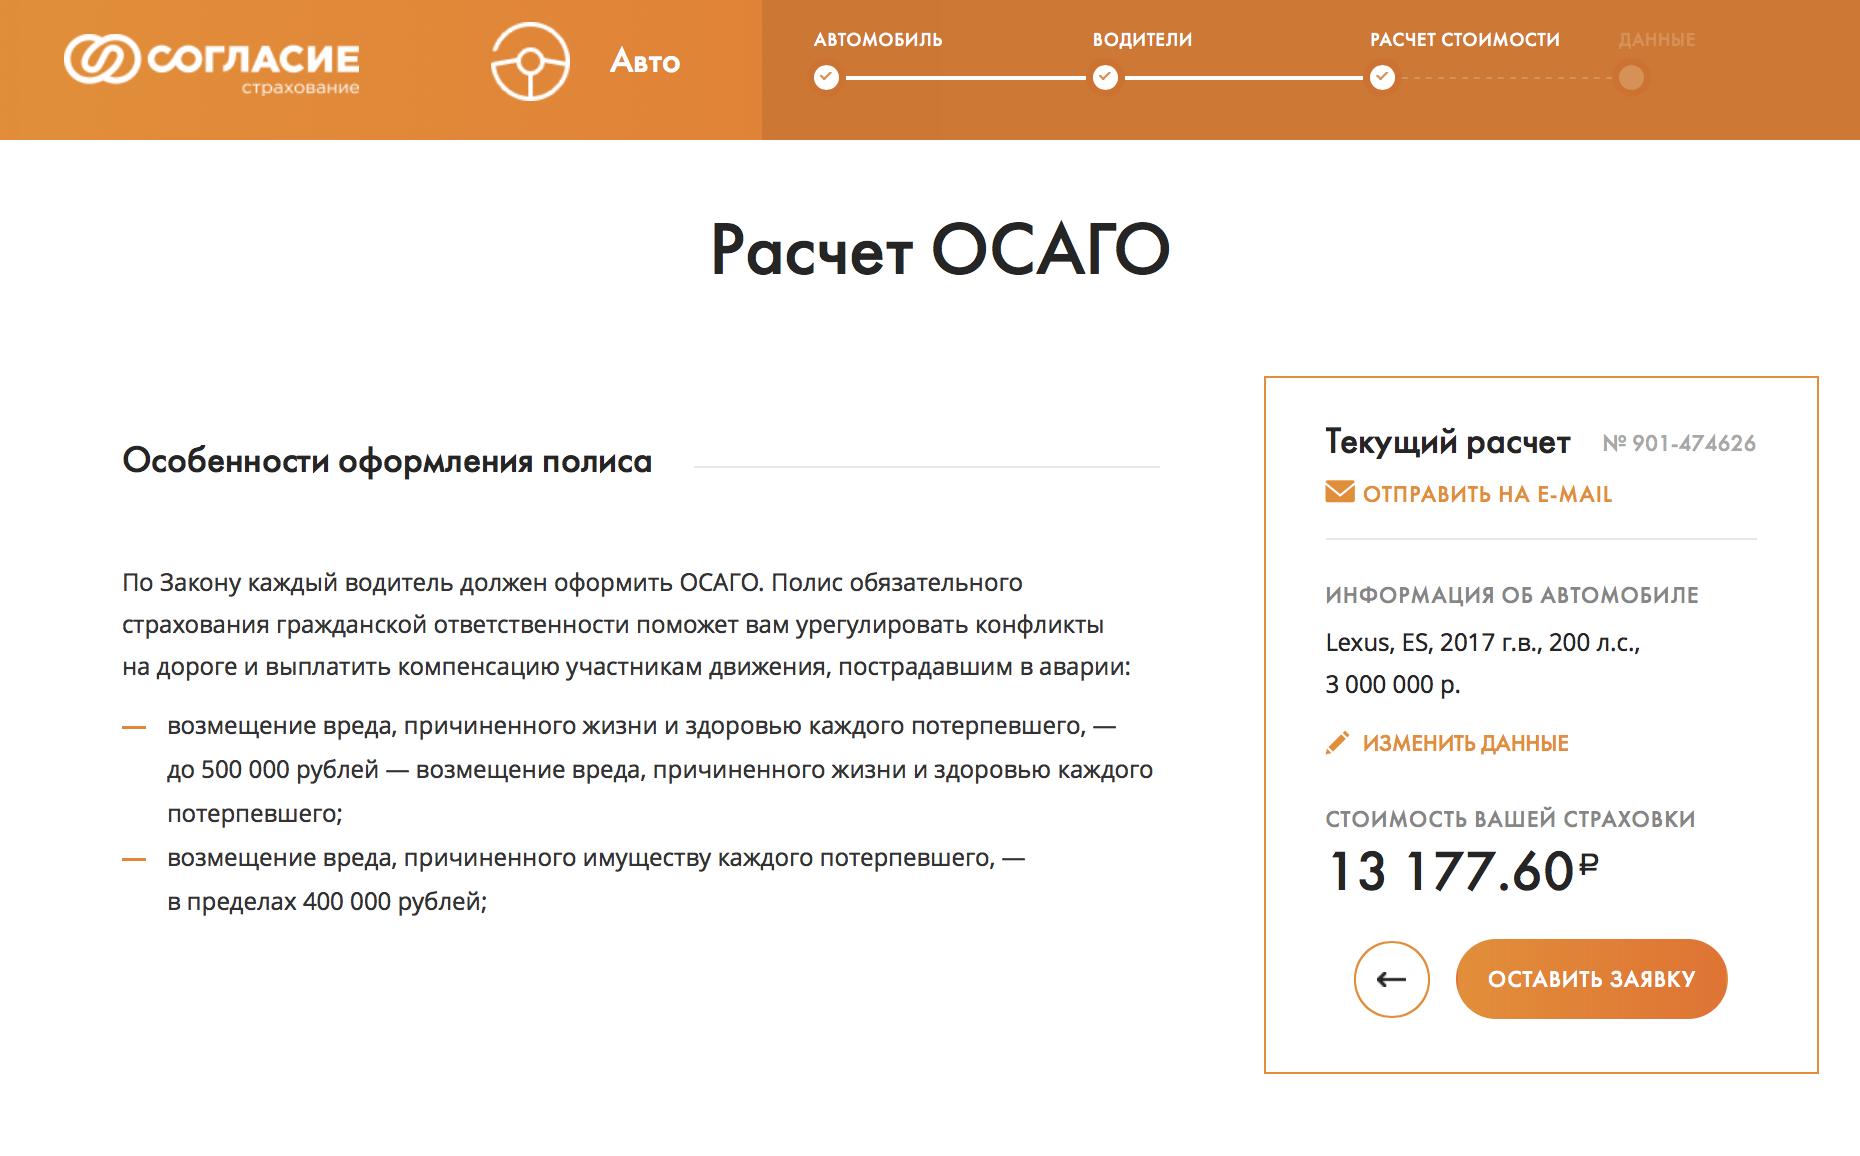 Согласие страховая компания чита официальный сайт создание и раскрутка сайта стоимость